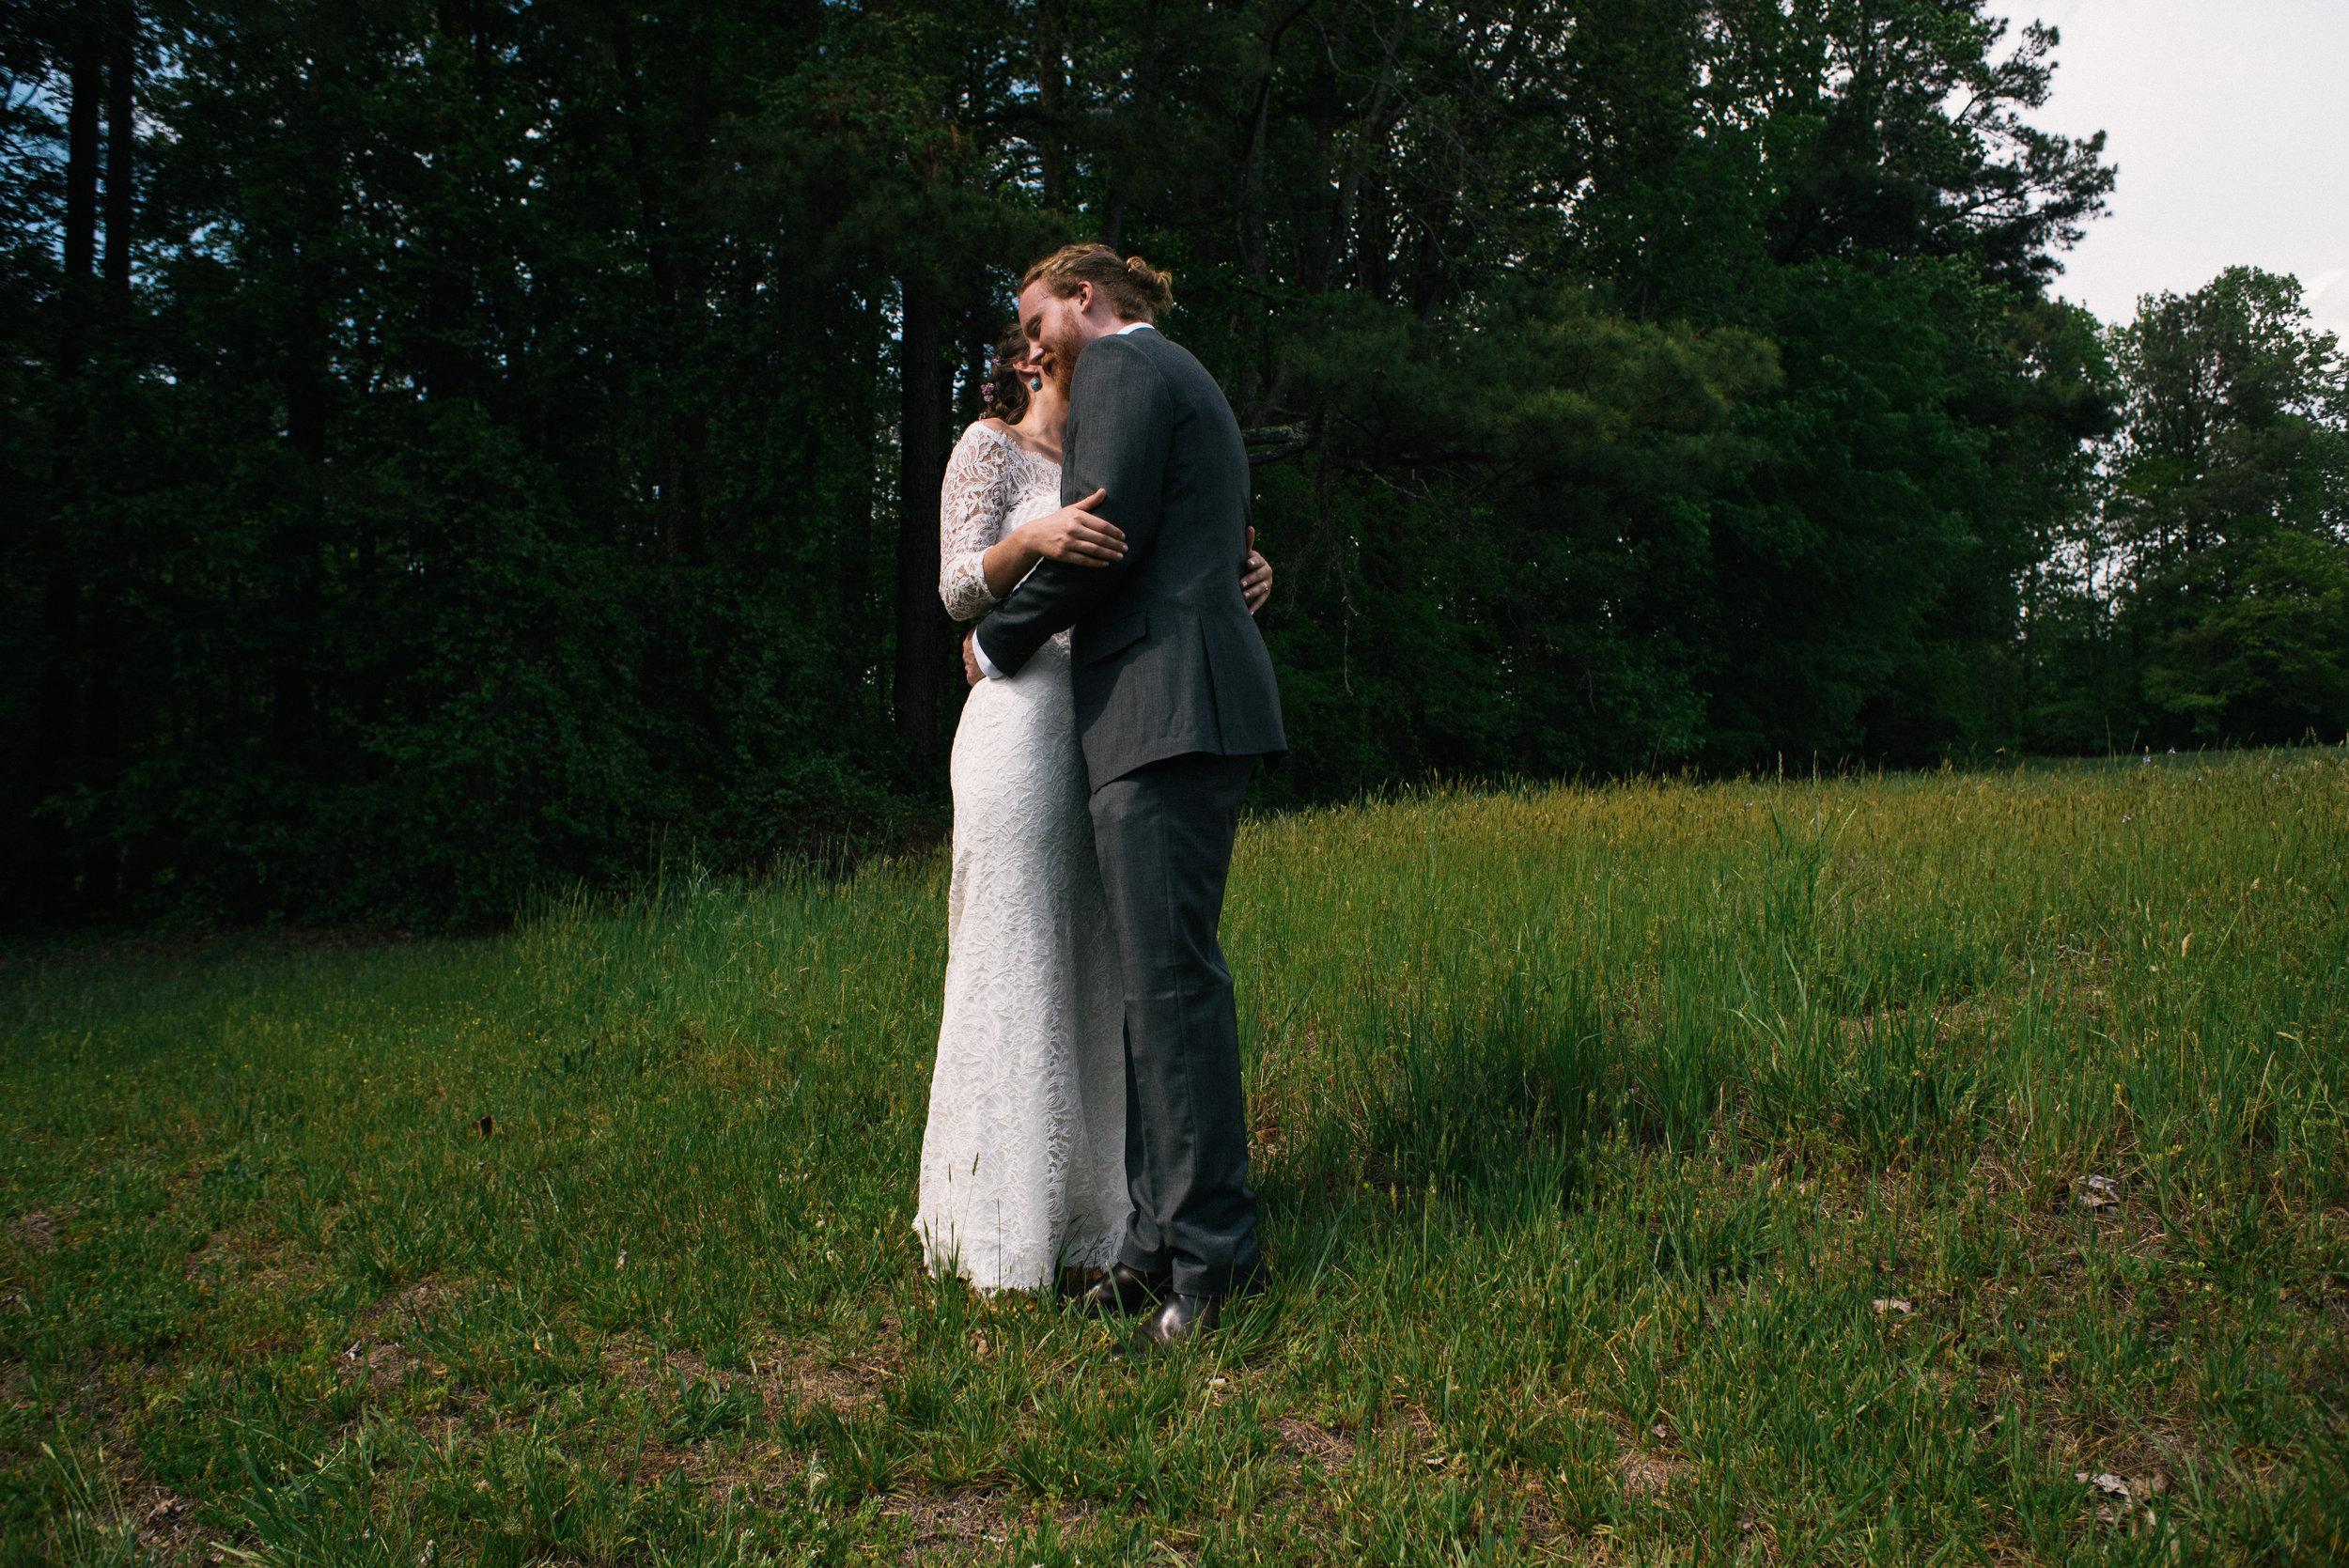 raleigh-elopement-photographer-raleigh-durham-wedding-maddie-and-devin- (38 of 162).jpg